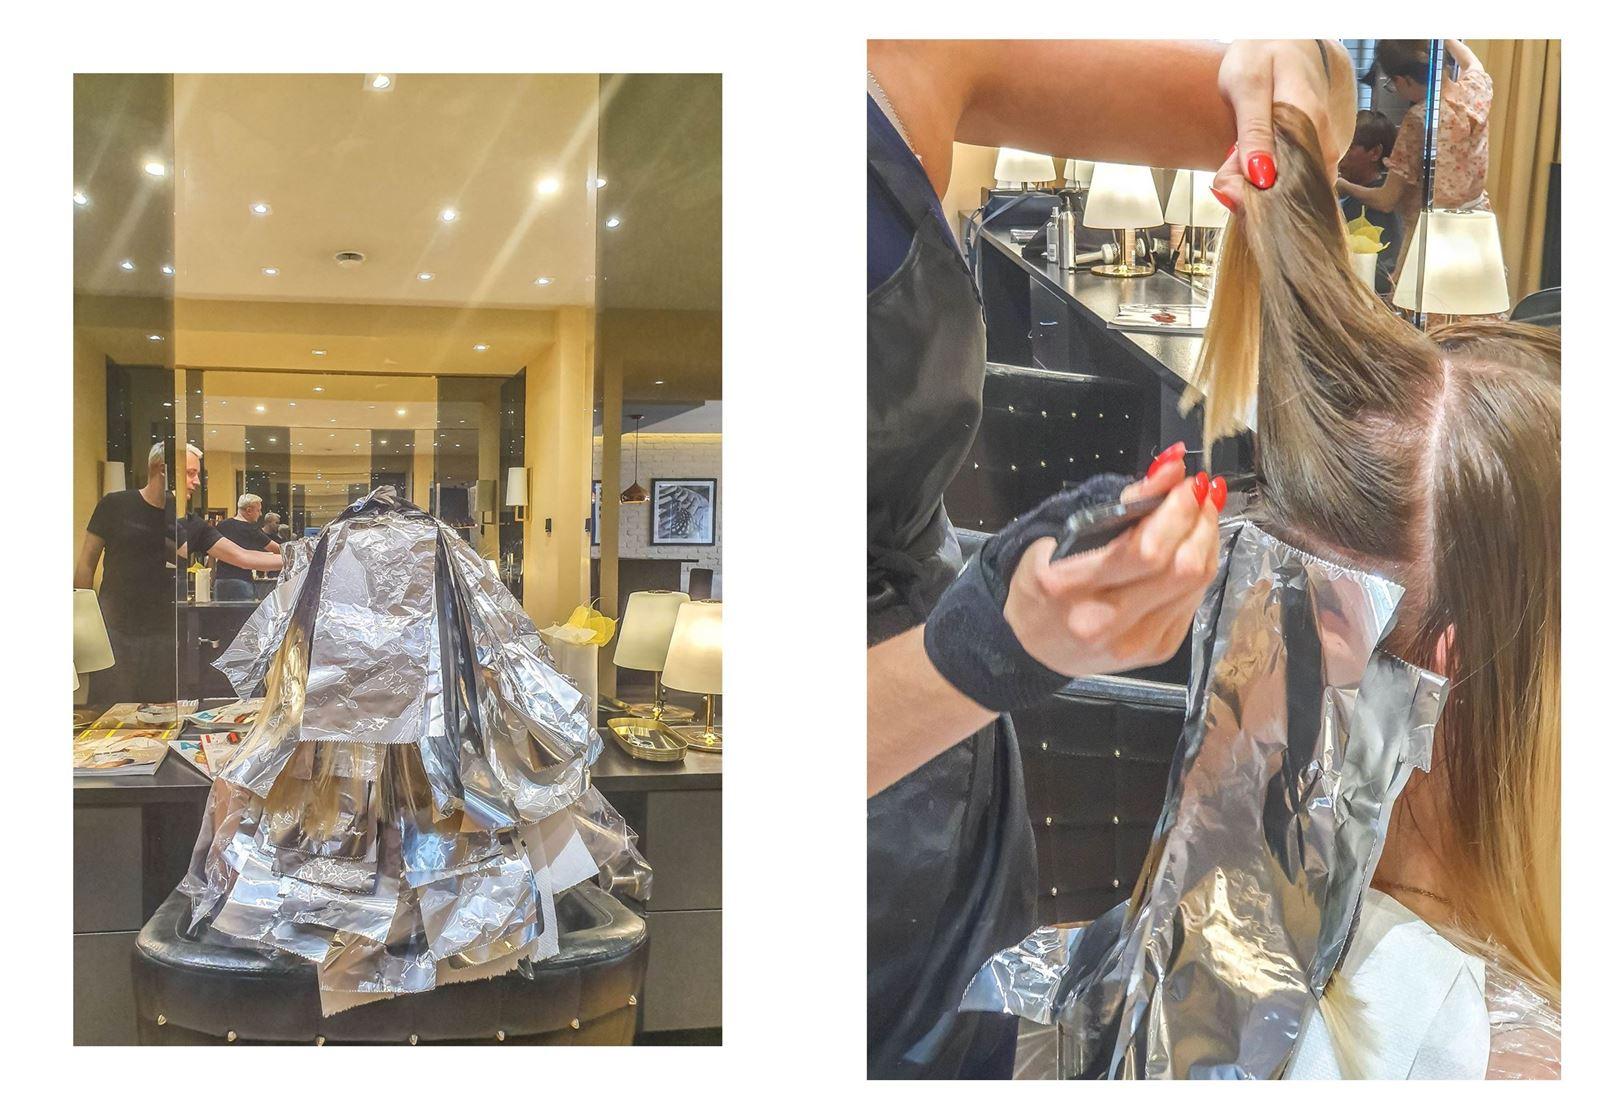 salon luisse łódź pabianice polecany dobry fryzjer damski męski opinie ceny czy warto dobry fryzjer w łodzi gdzie do fryzjera łódź centrum bałuty piotrkowska retkinia blogerka łódzka moda uroda